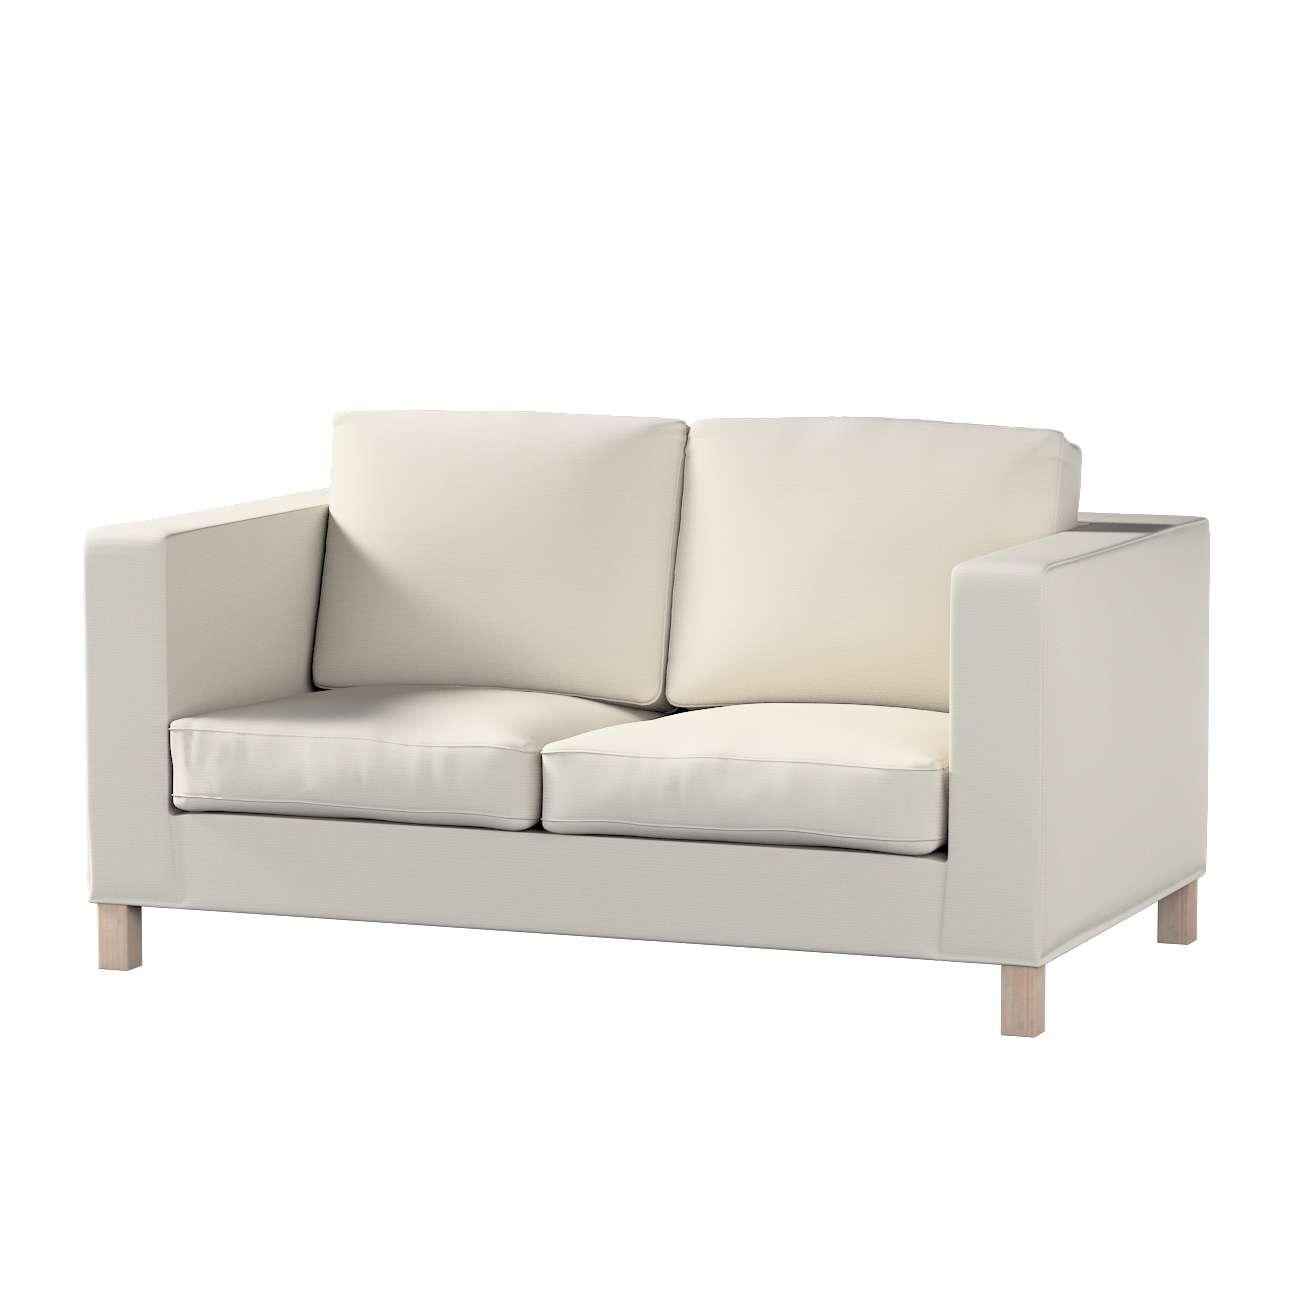 KARLANDA dvivietės sofos užvalkalas KARLANDA dvivietės sofos užvalkalas kolekcijoje Cotton Panama, audinys: 702-31